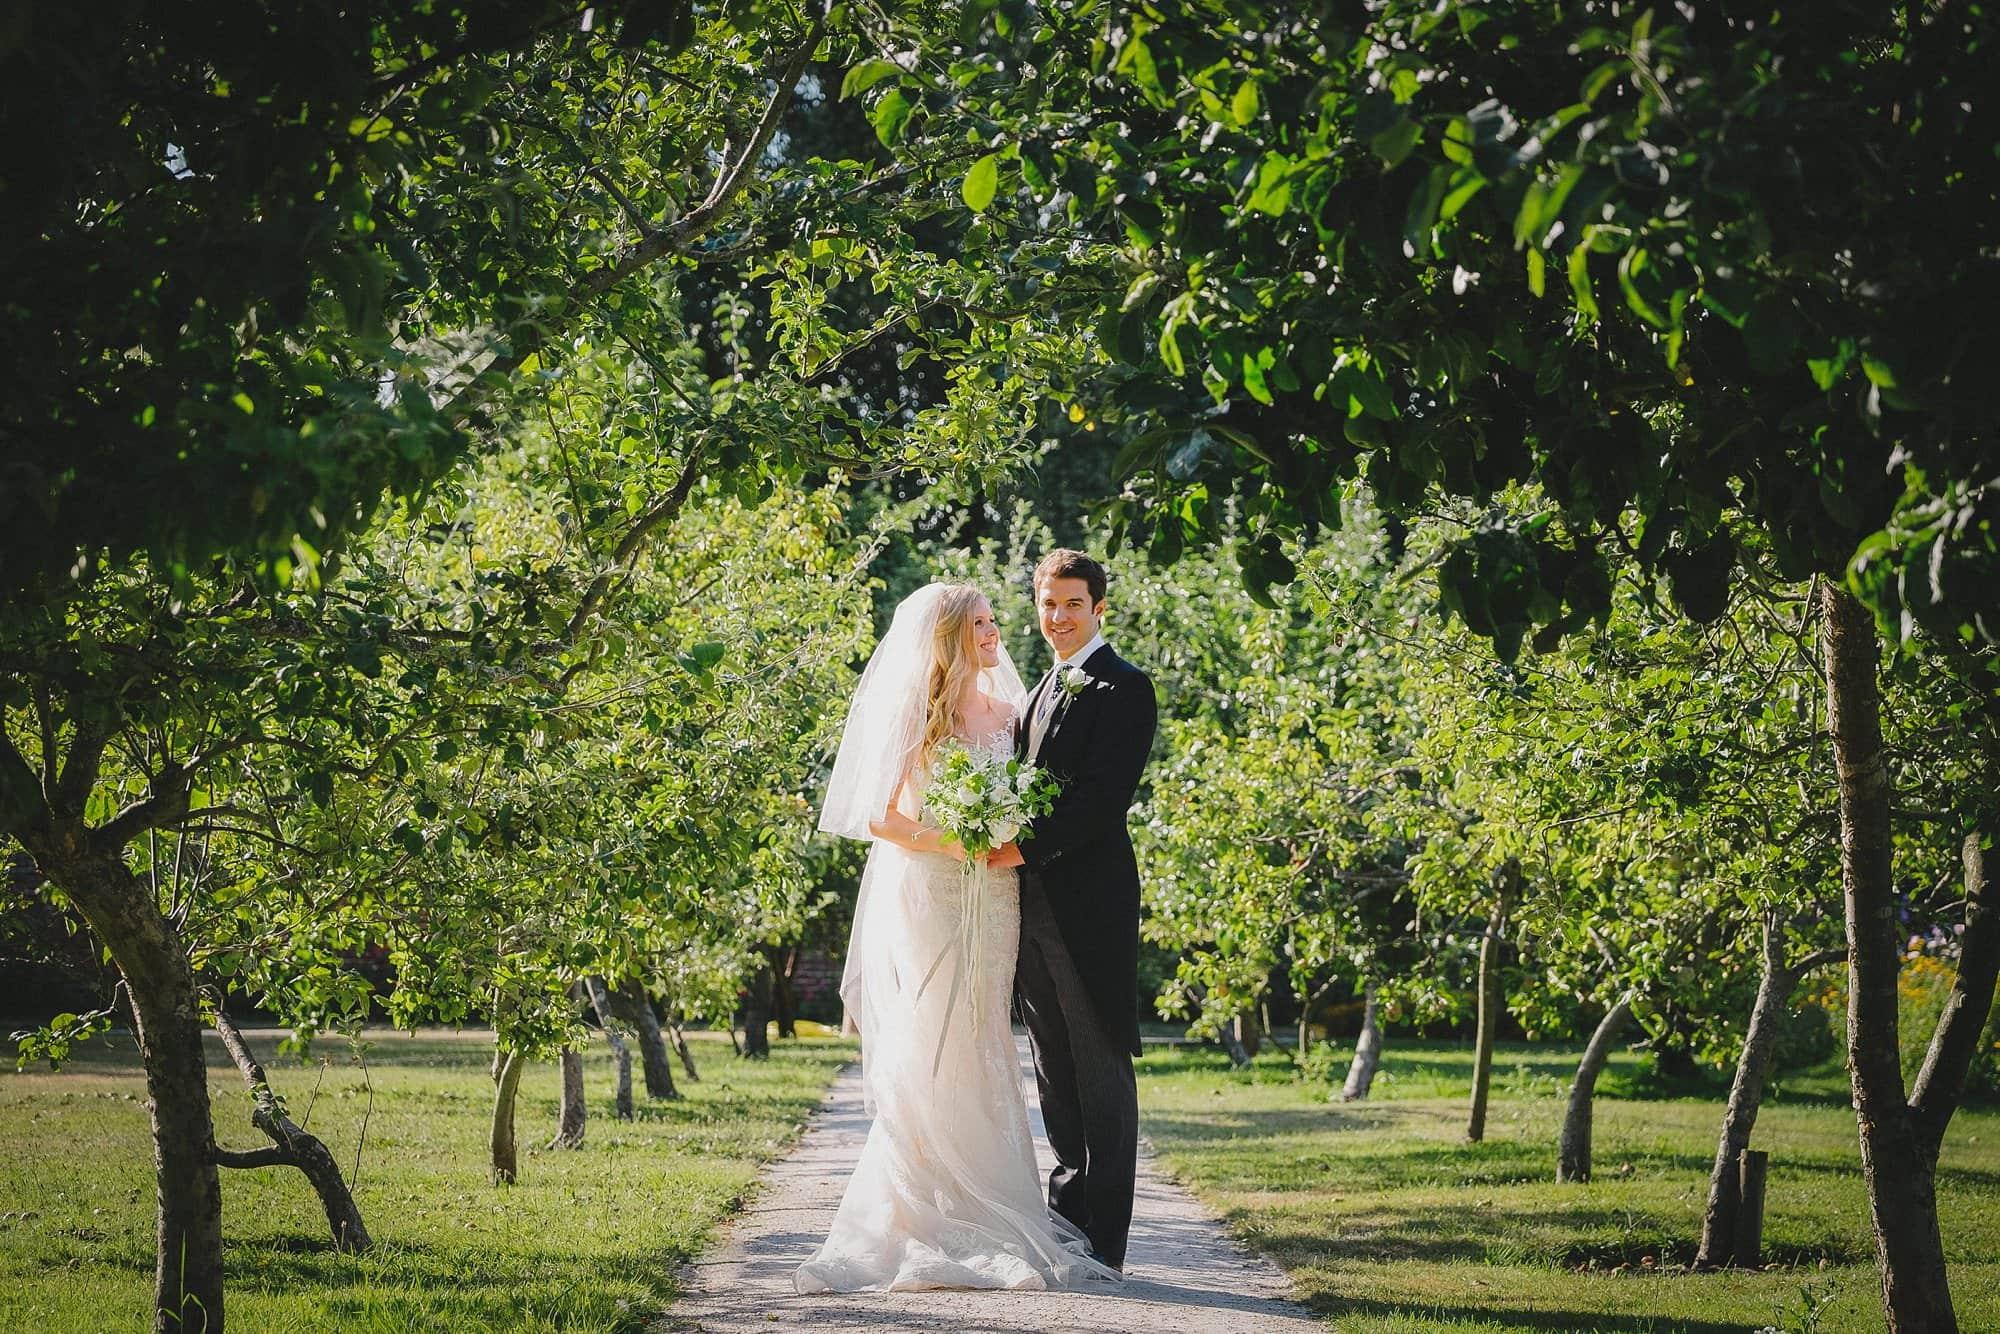 fulham palace wedding photographer 048 - Rosanna & Duncan's Fulham Palace Wedding